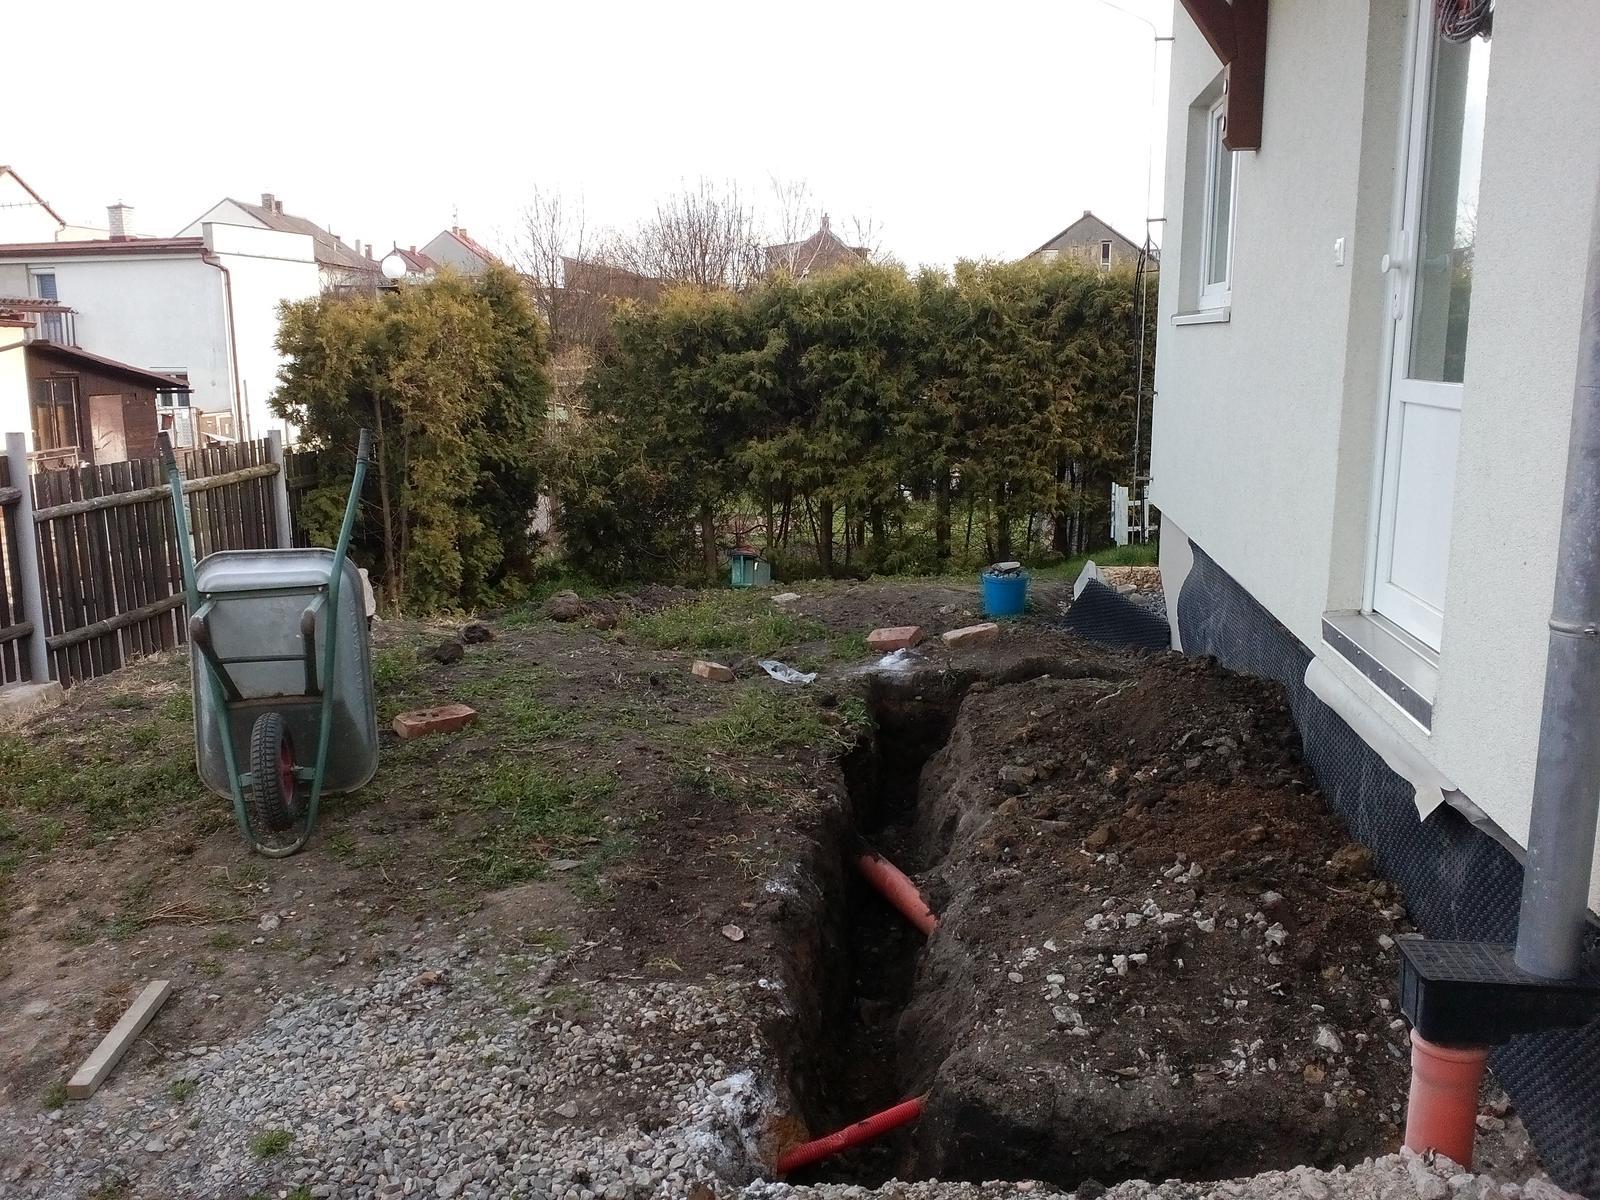 Schody do domu - projekt r.2016 - Prvý pracovný deň končí a základy skoro vykopané. To najhoršie je skoro za nami, ešte trošku sa pohrabeme v zemi a potom už može stavba rásť.